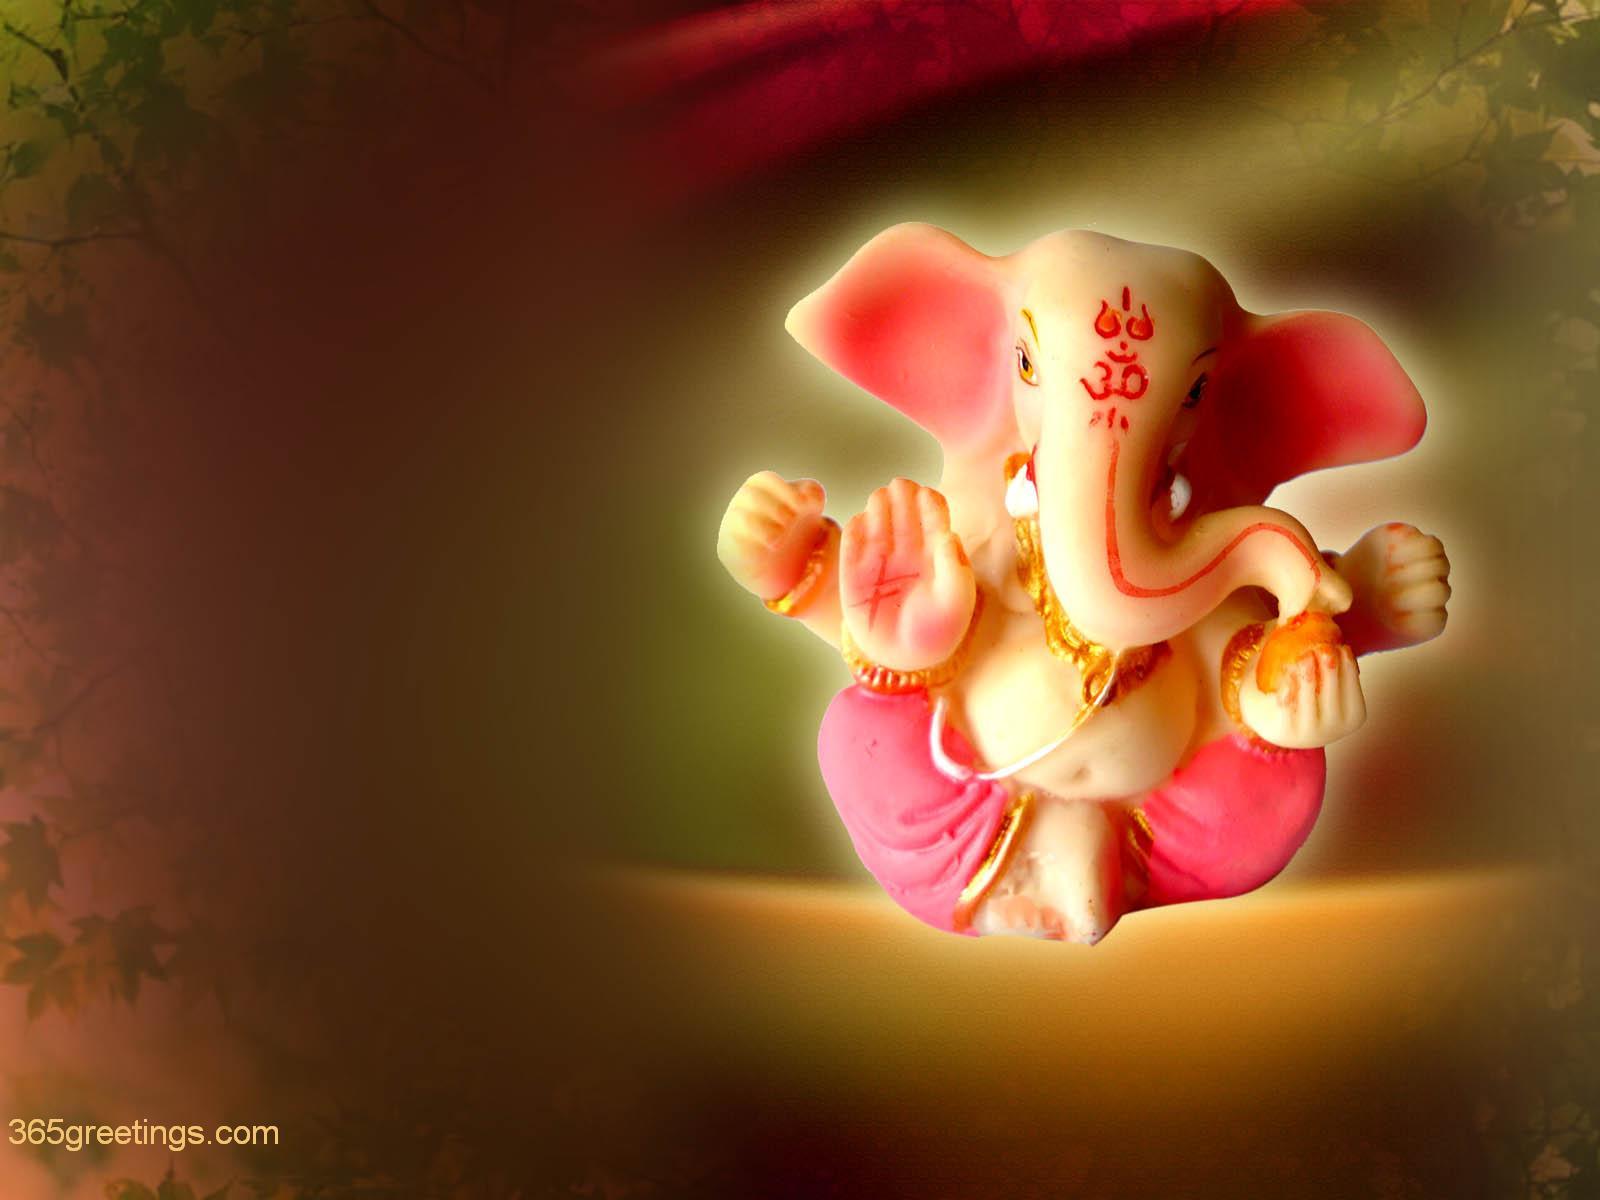 Wallpaper download ganesh - Lord Ganesha Wallpapers Free Lord Ganesha Wallpapers Ganesh God